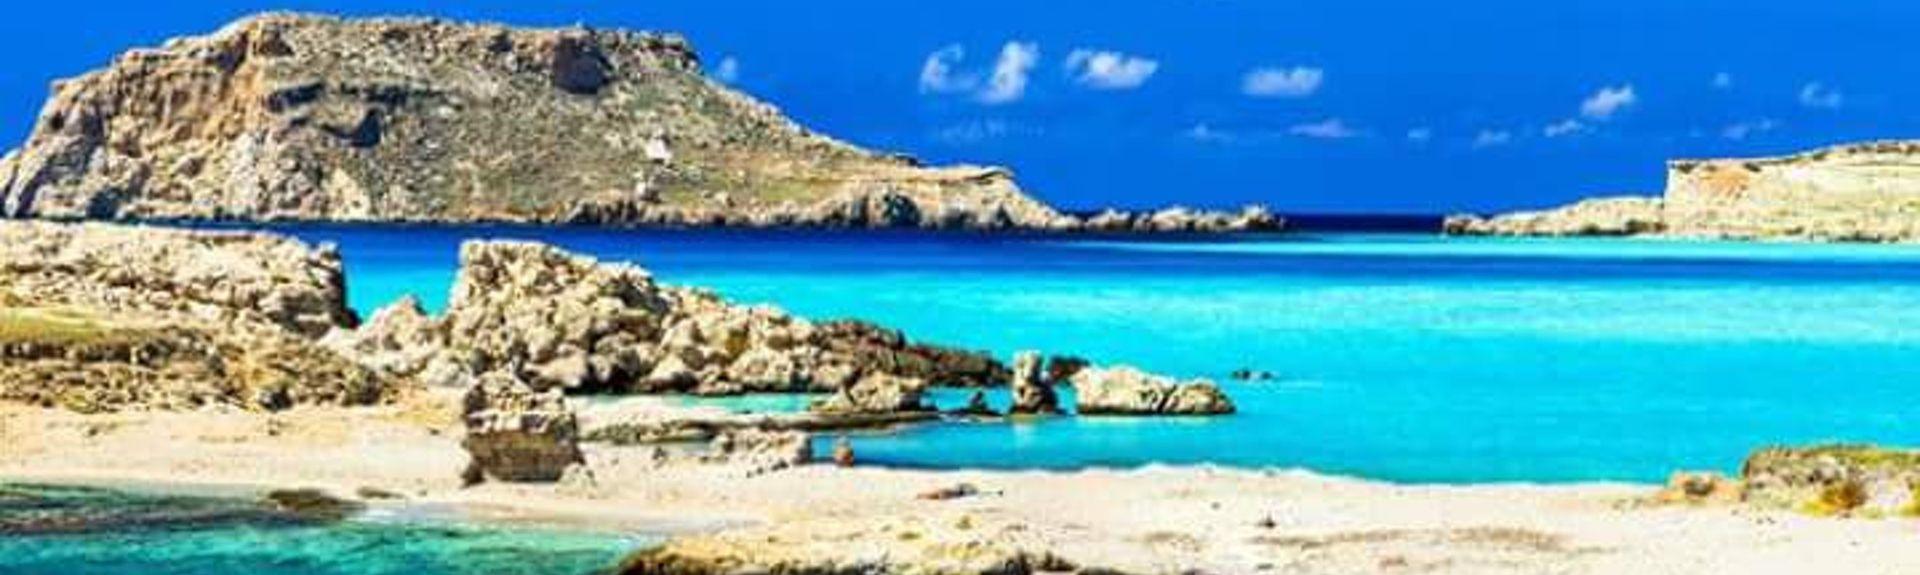 Κάρπαθος, Νησιά του Αιγαίου, Ελλάδα